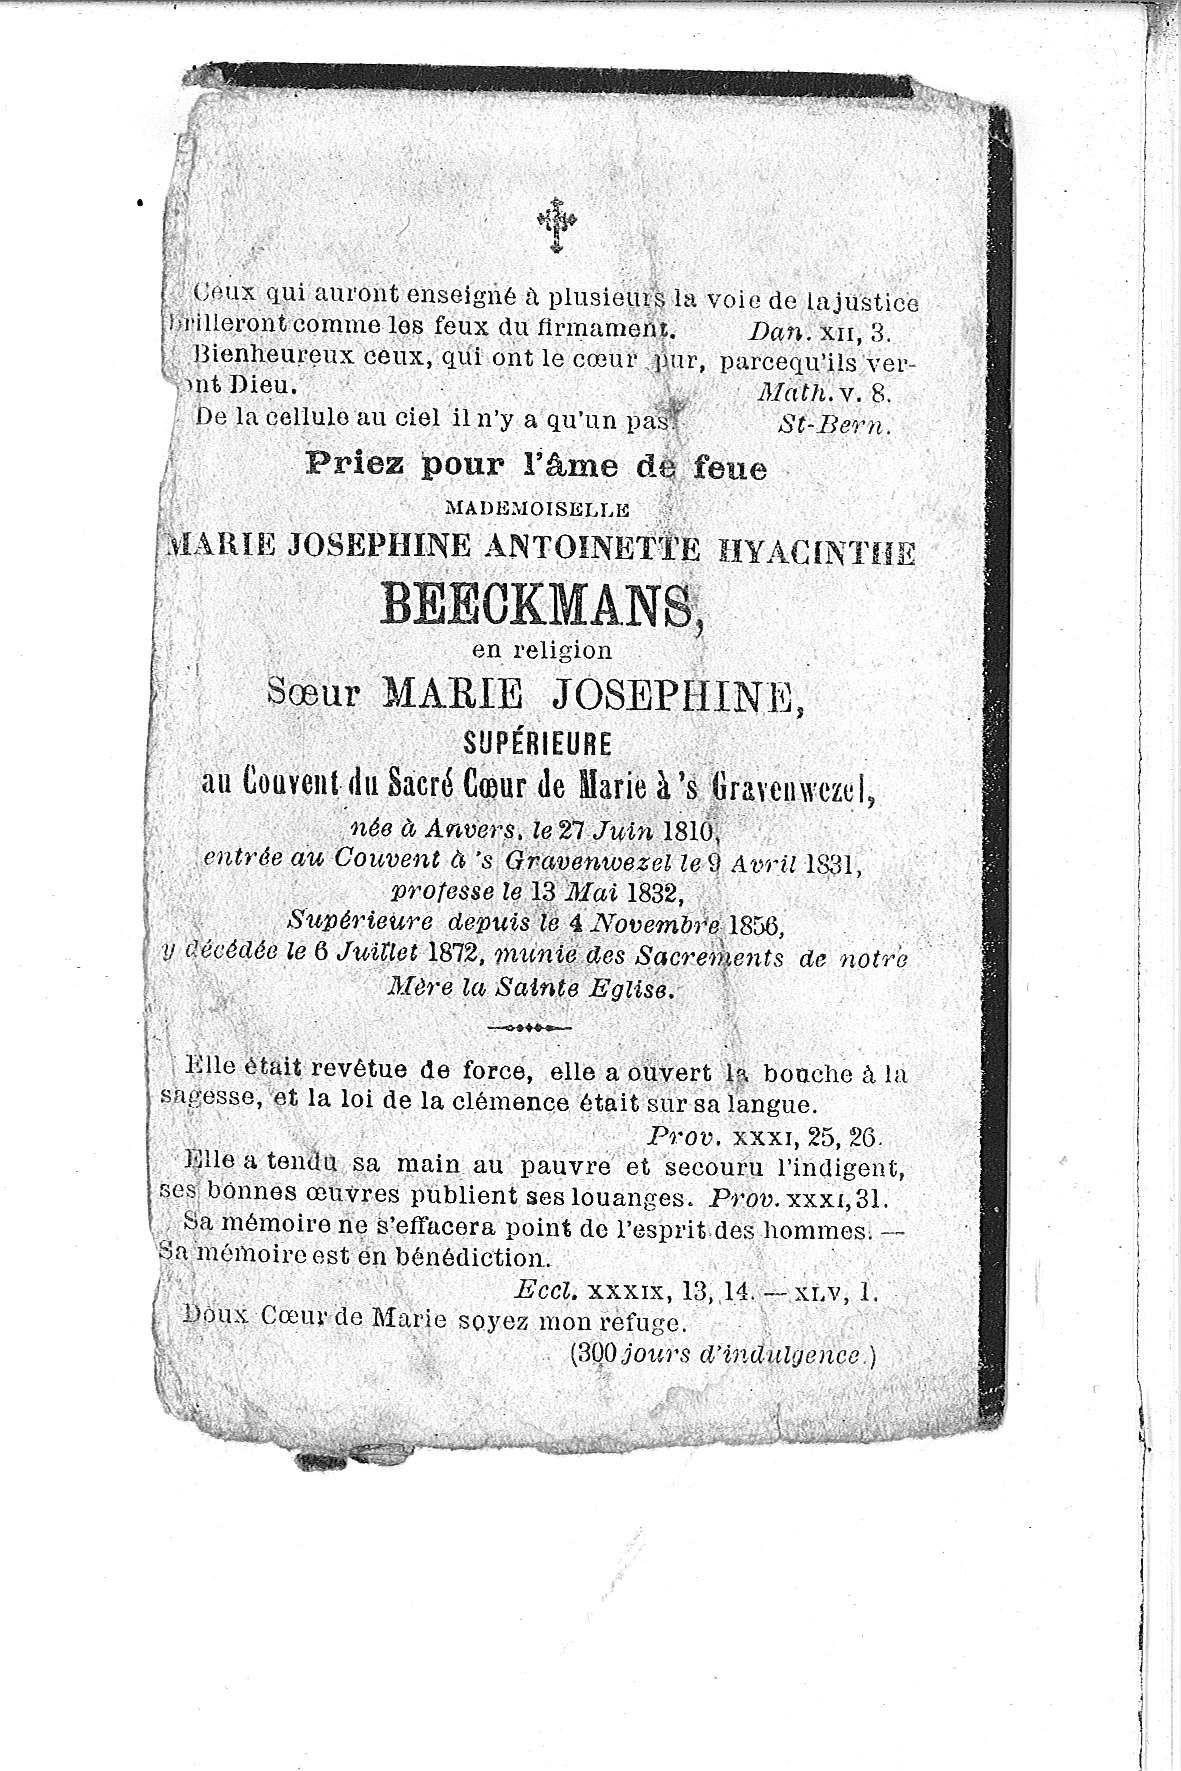 Marie-Josephine-Antoinette(1872)20101126142702_00011.jpg